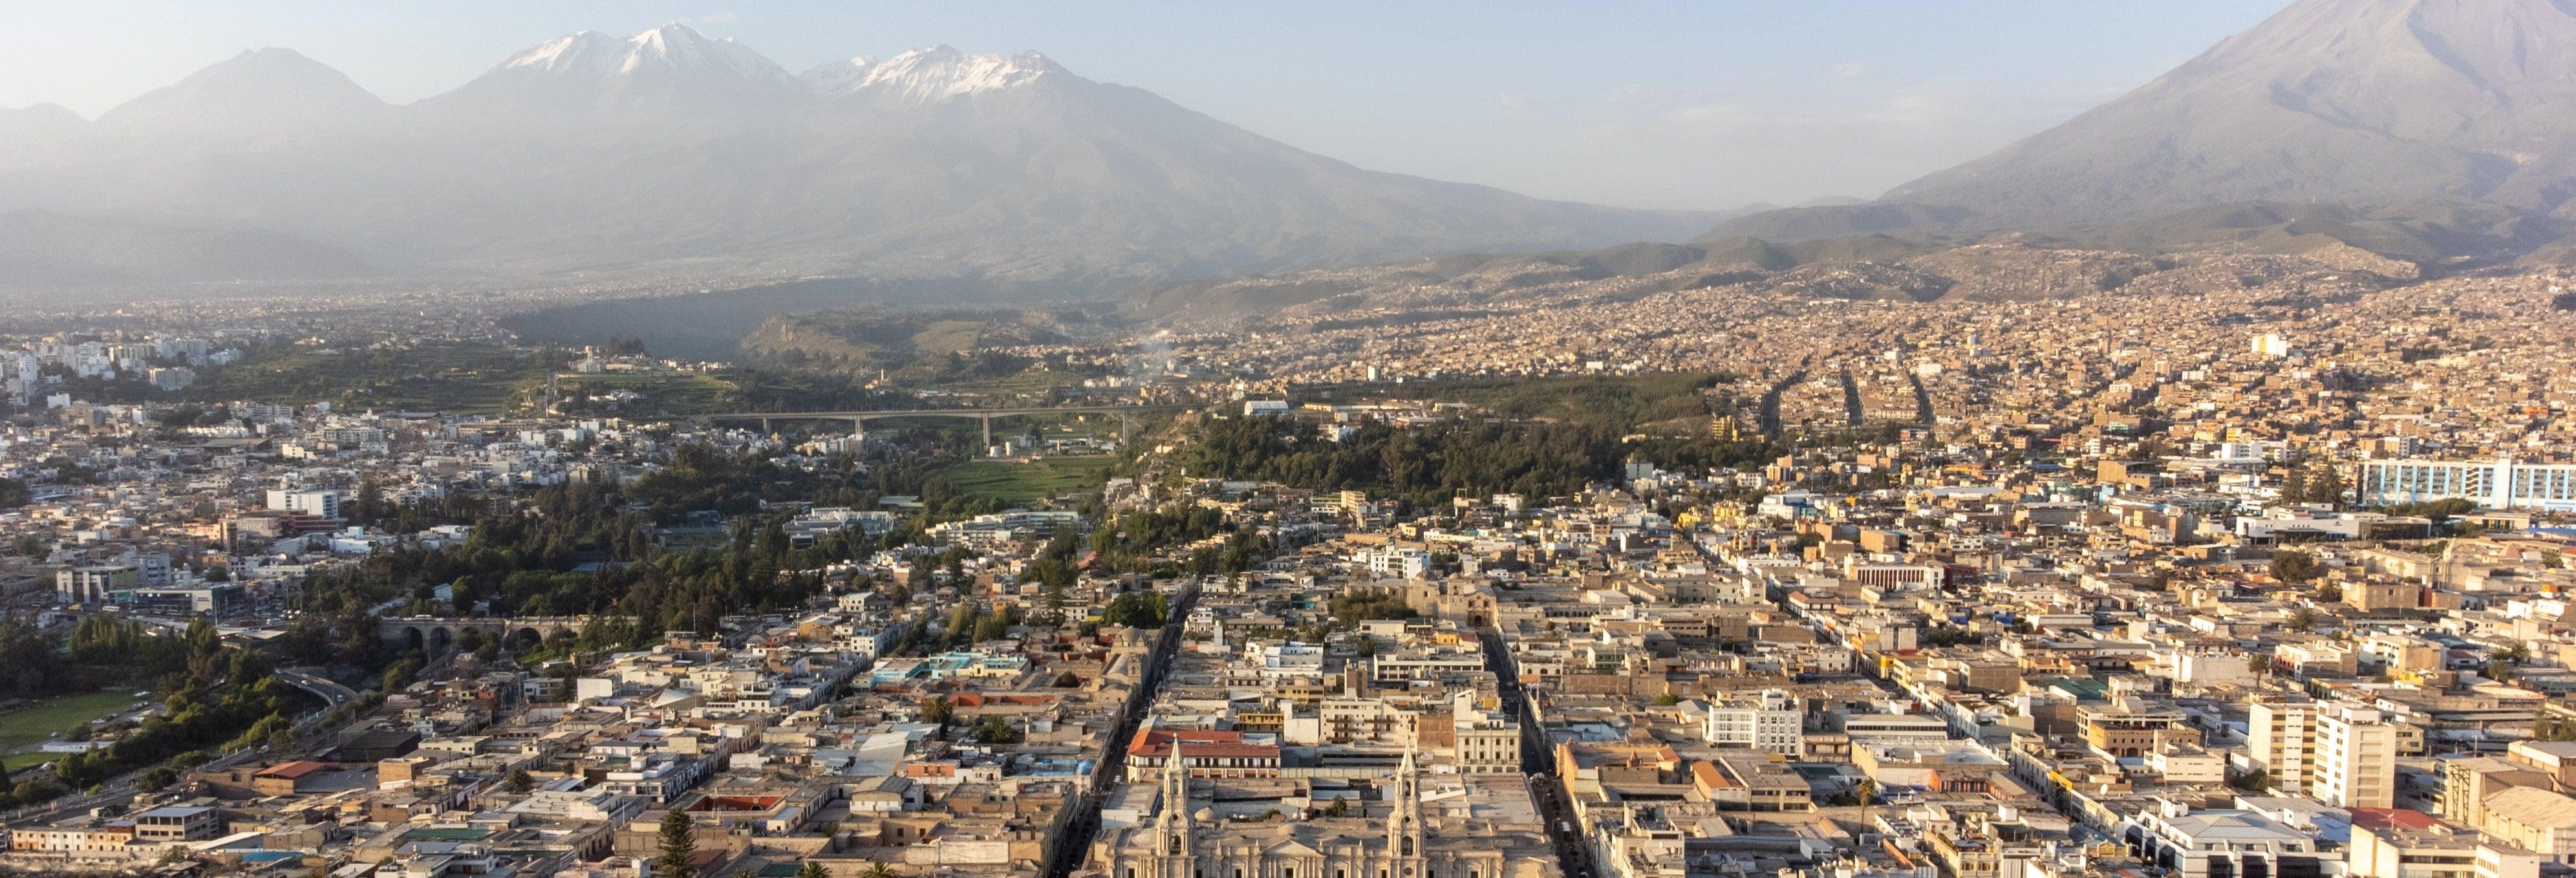 Tour panoramico di Arequipa